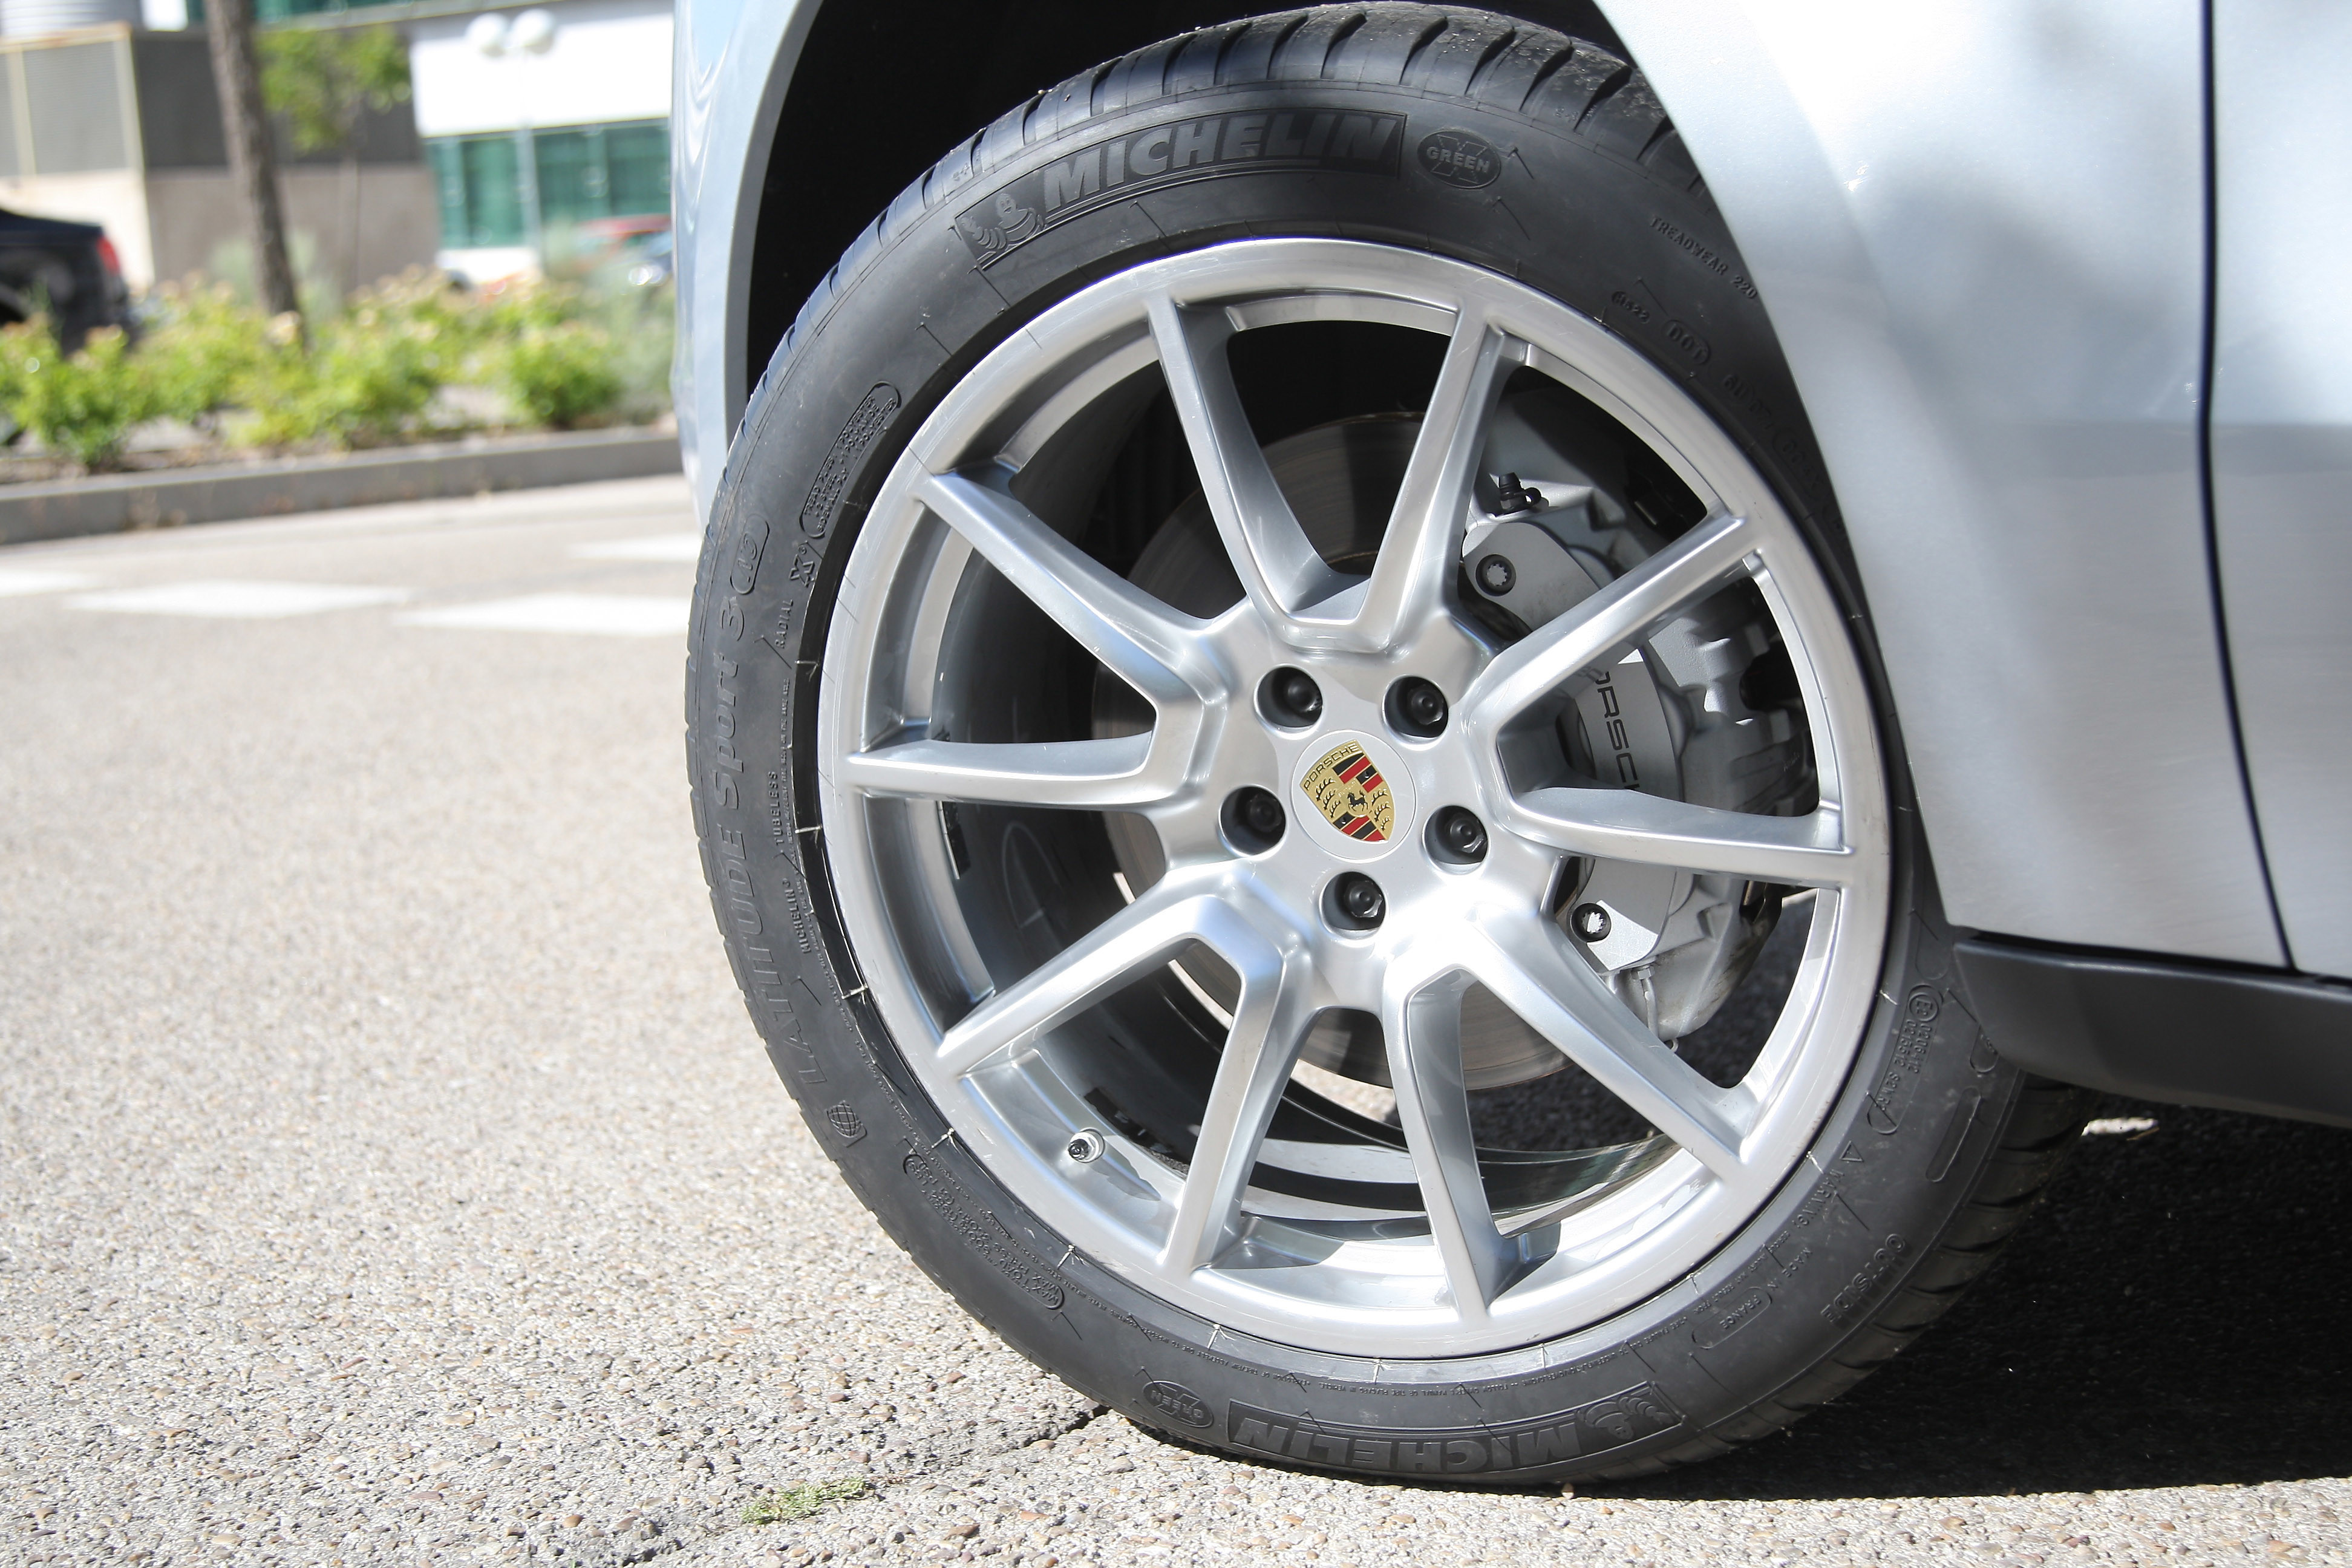 Férias: A melhor altura para verificar os pneus